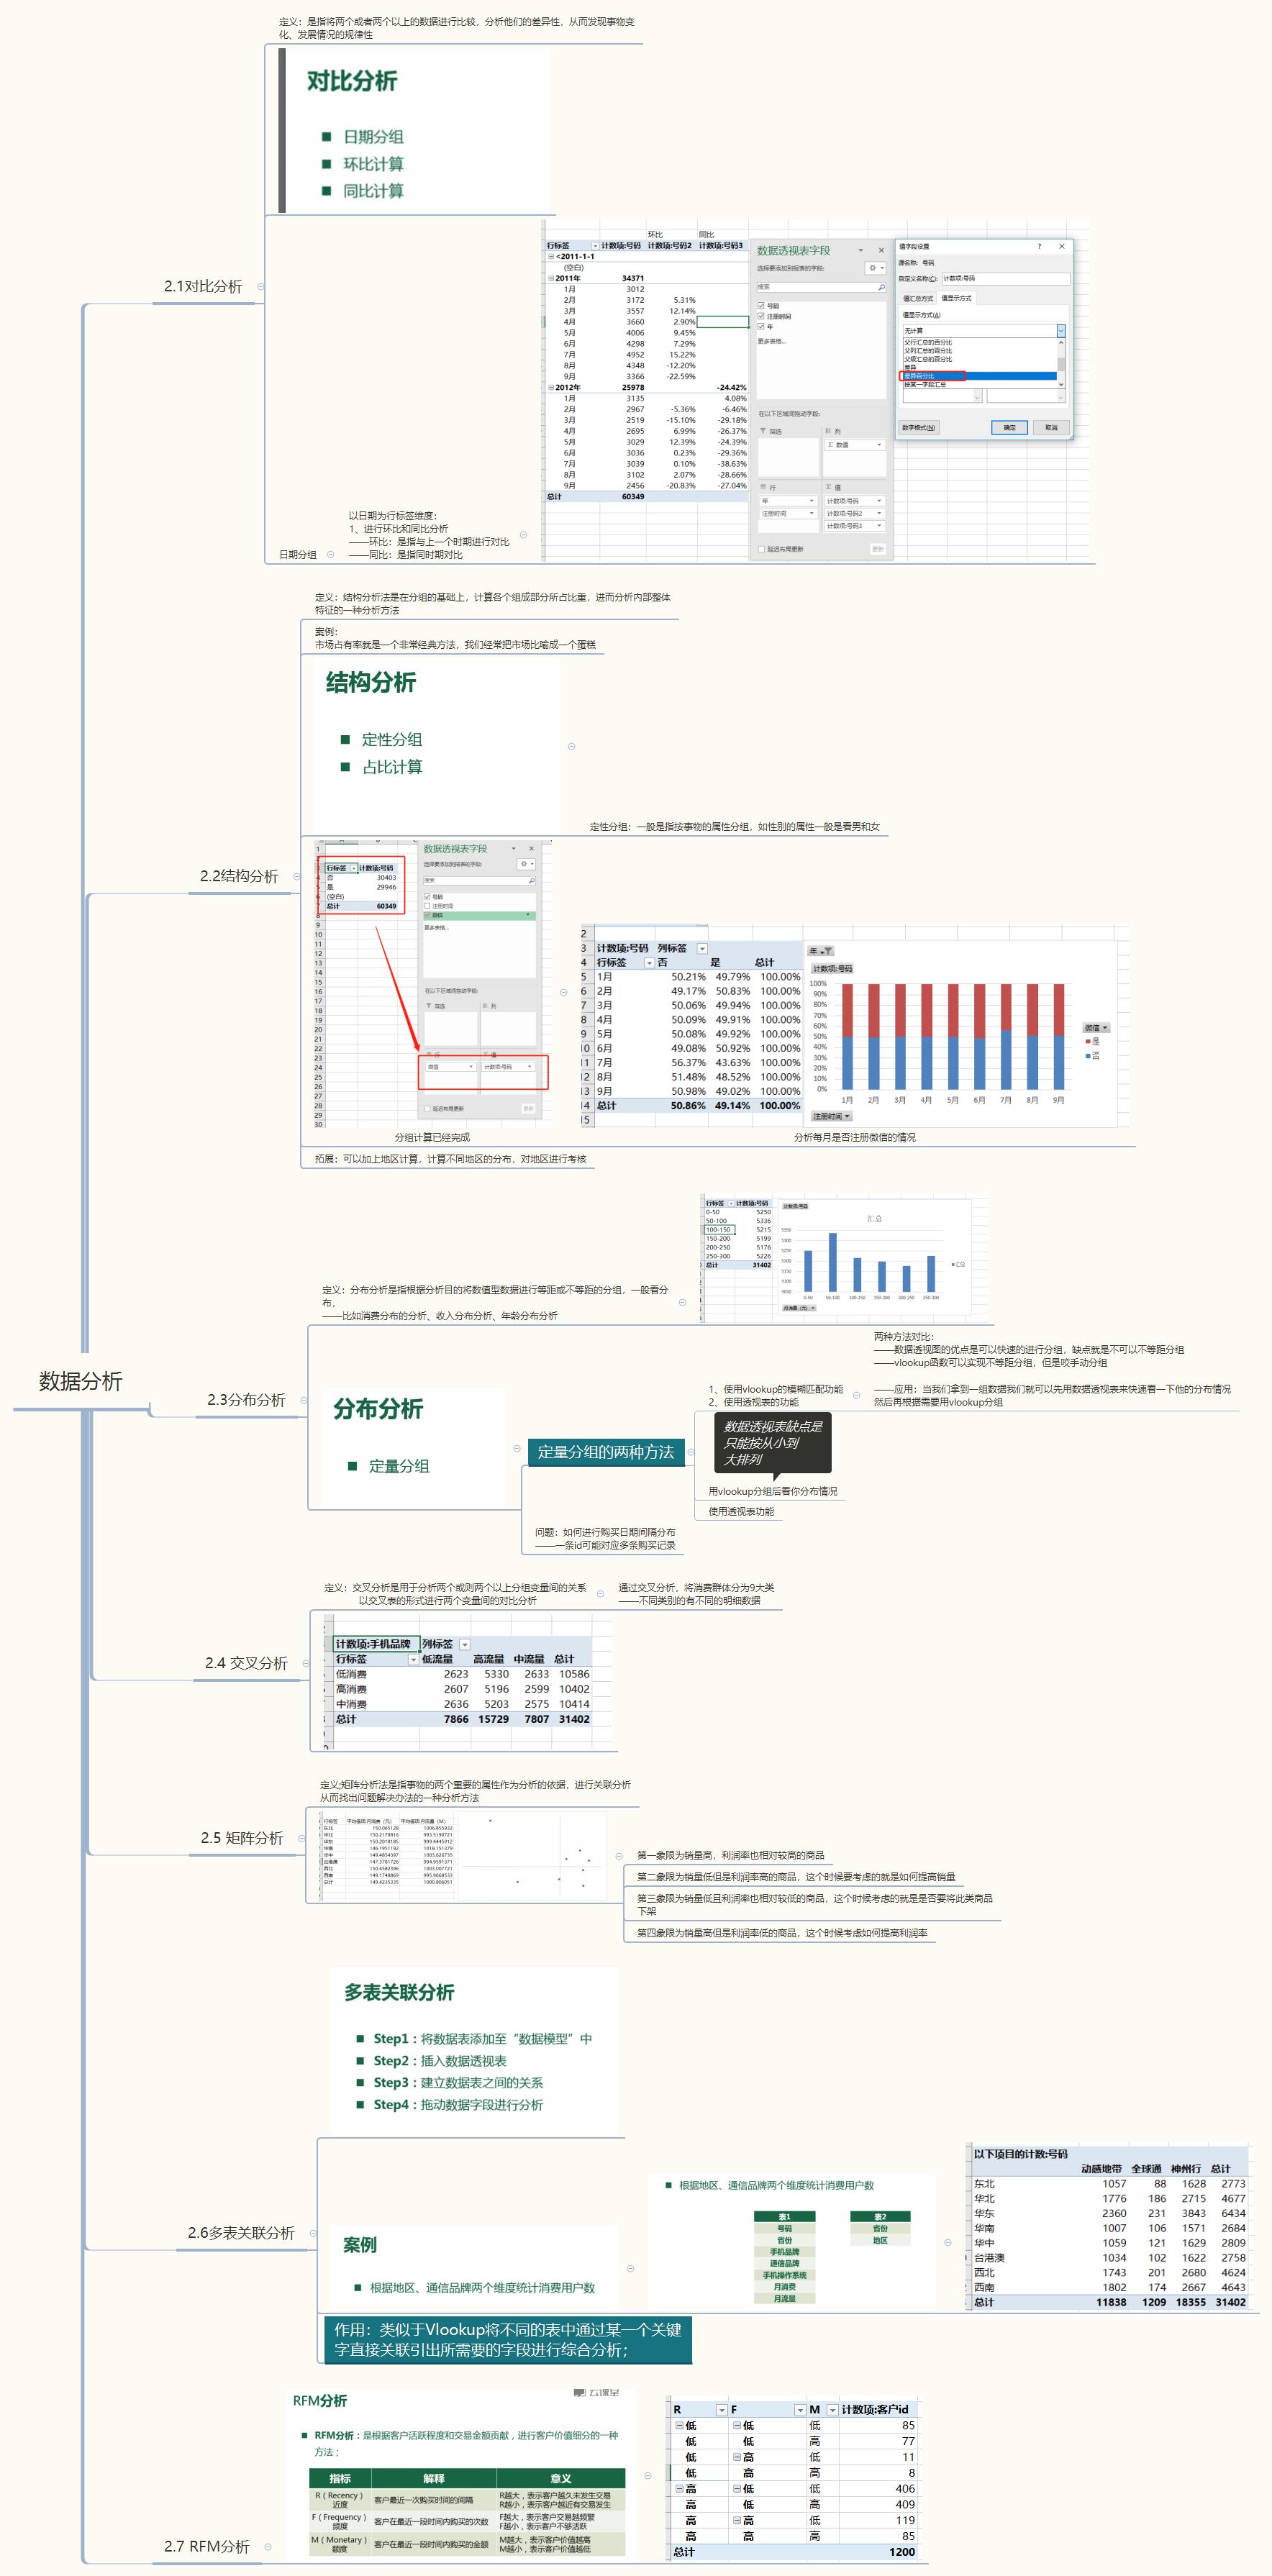 第二部分:数据分析的方法